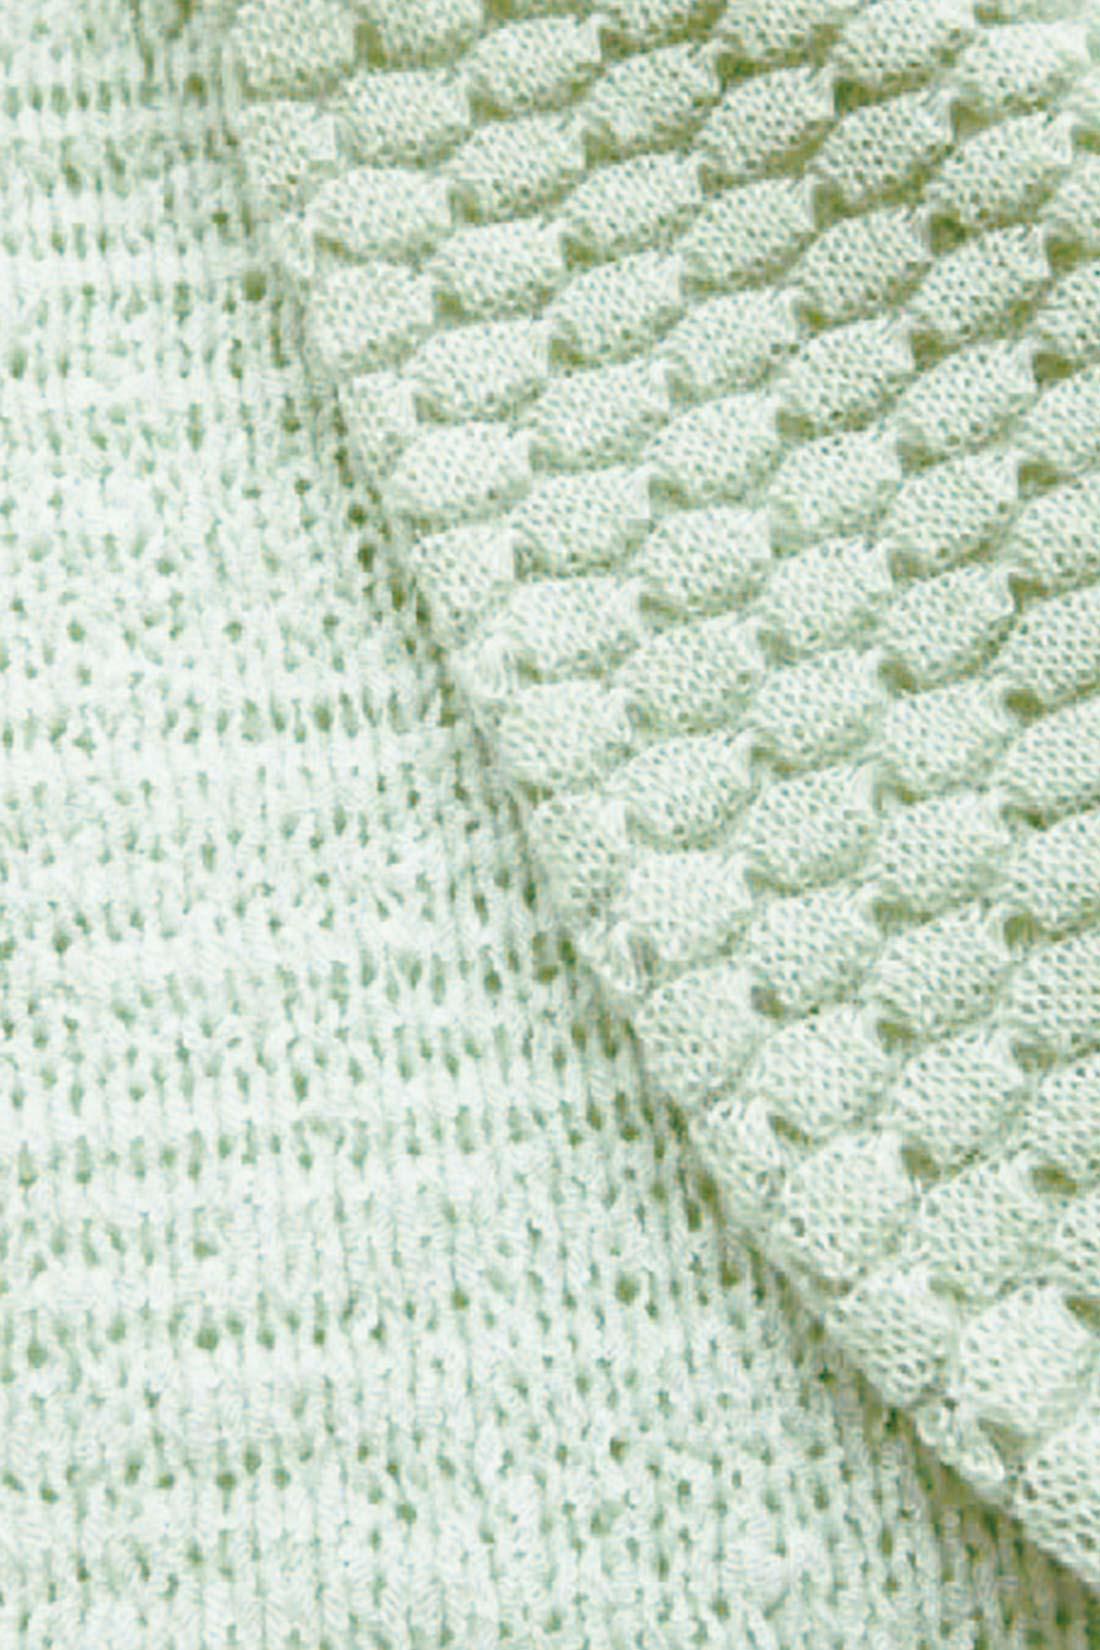 ★編み目の違いにご注目♪ 身ごろの部分はメリヤス編み、お袖の部分は模様編みに。